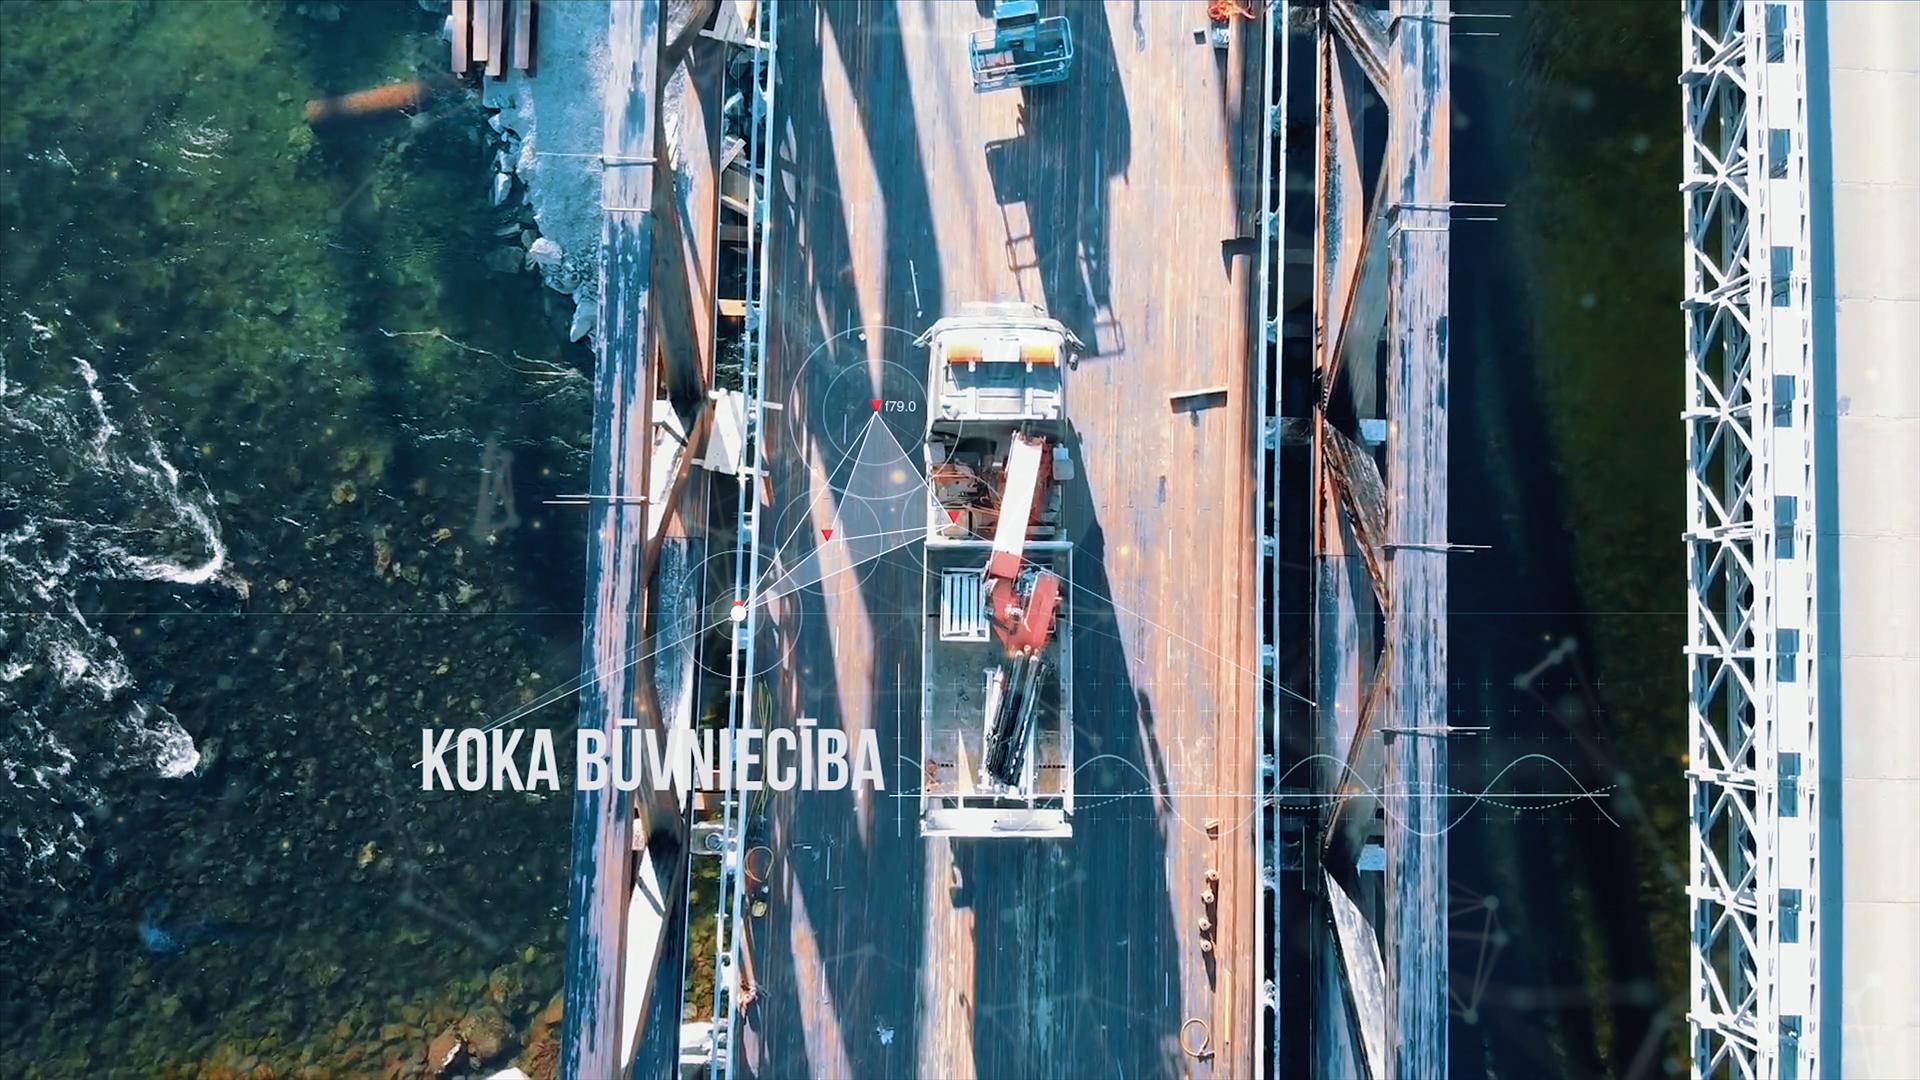 Koka būvniecība Latvijā